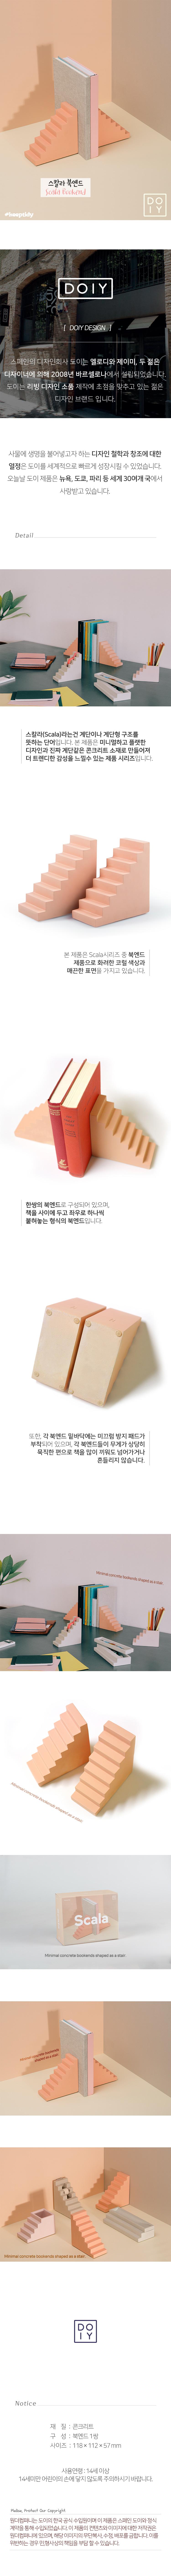 [도이] 스칼라 책고정 북엔드 책꽂이 책지지대 - 원더스토어, 59,000원, 독서용품, 북앤드